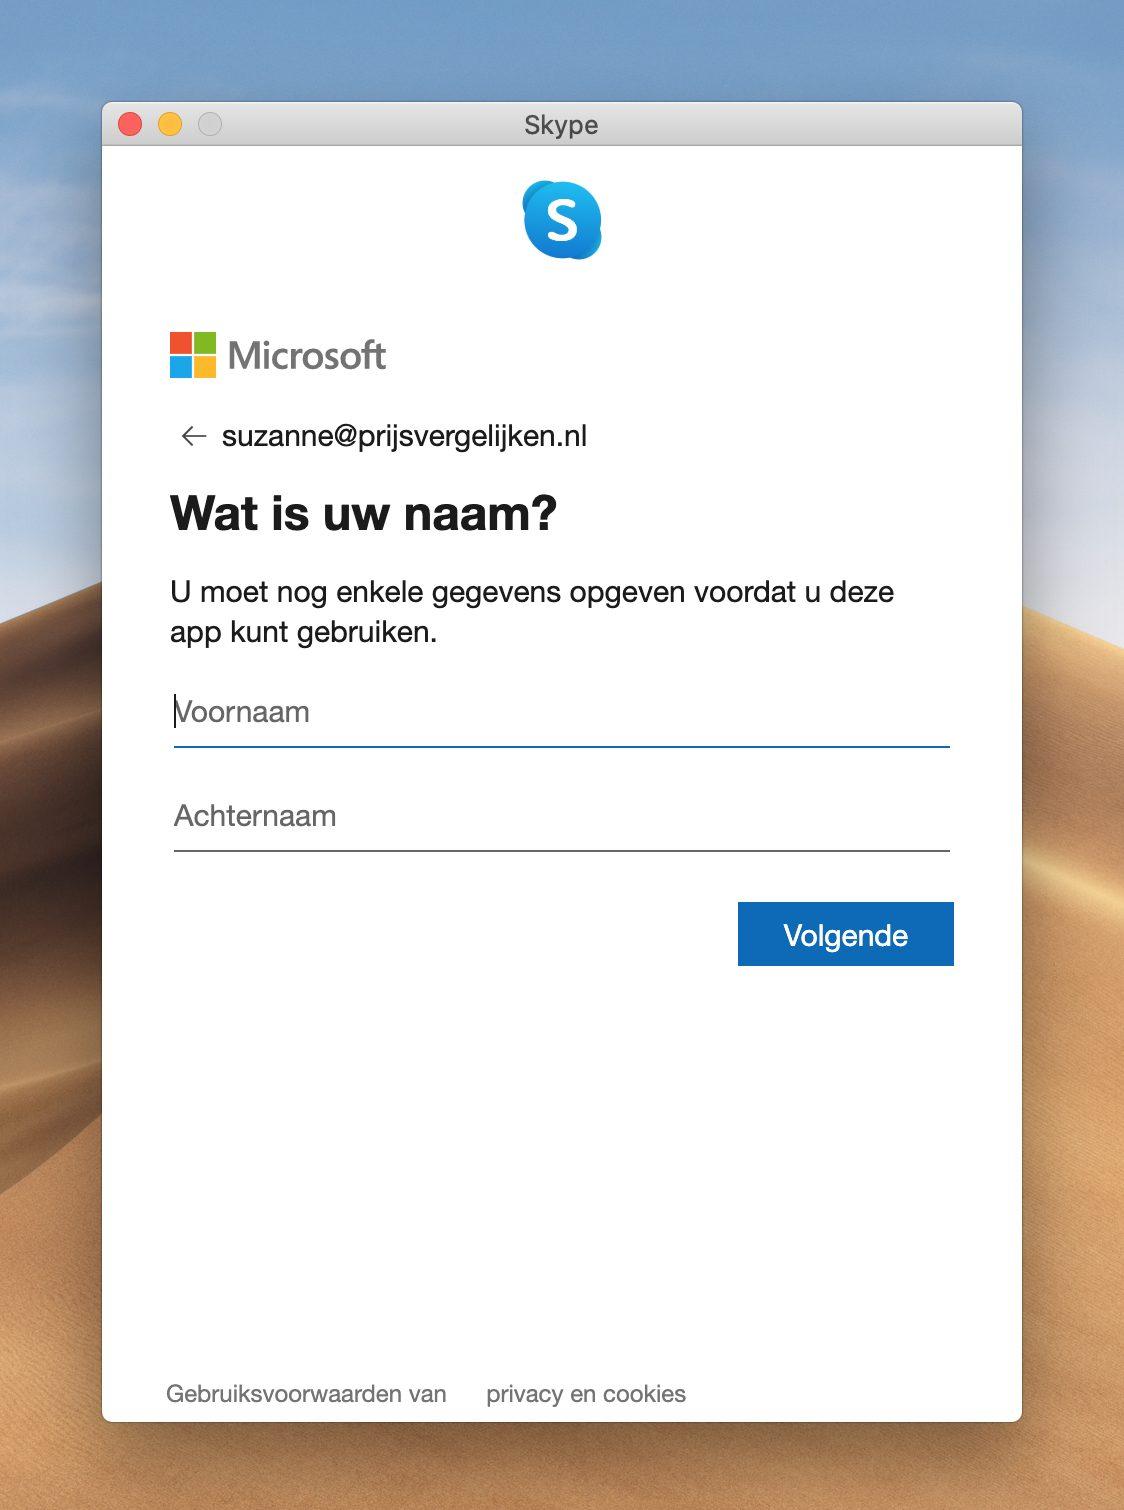 Screenshot 'voer uw naam in' Skype